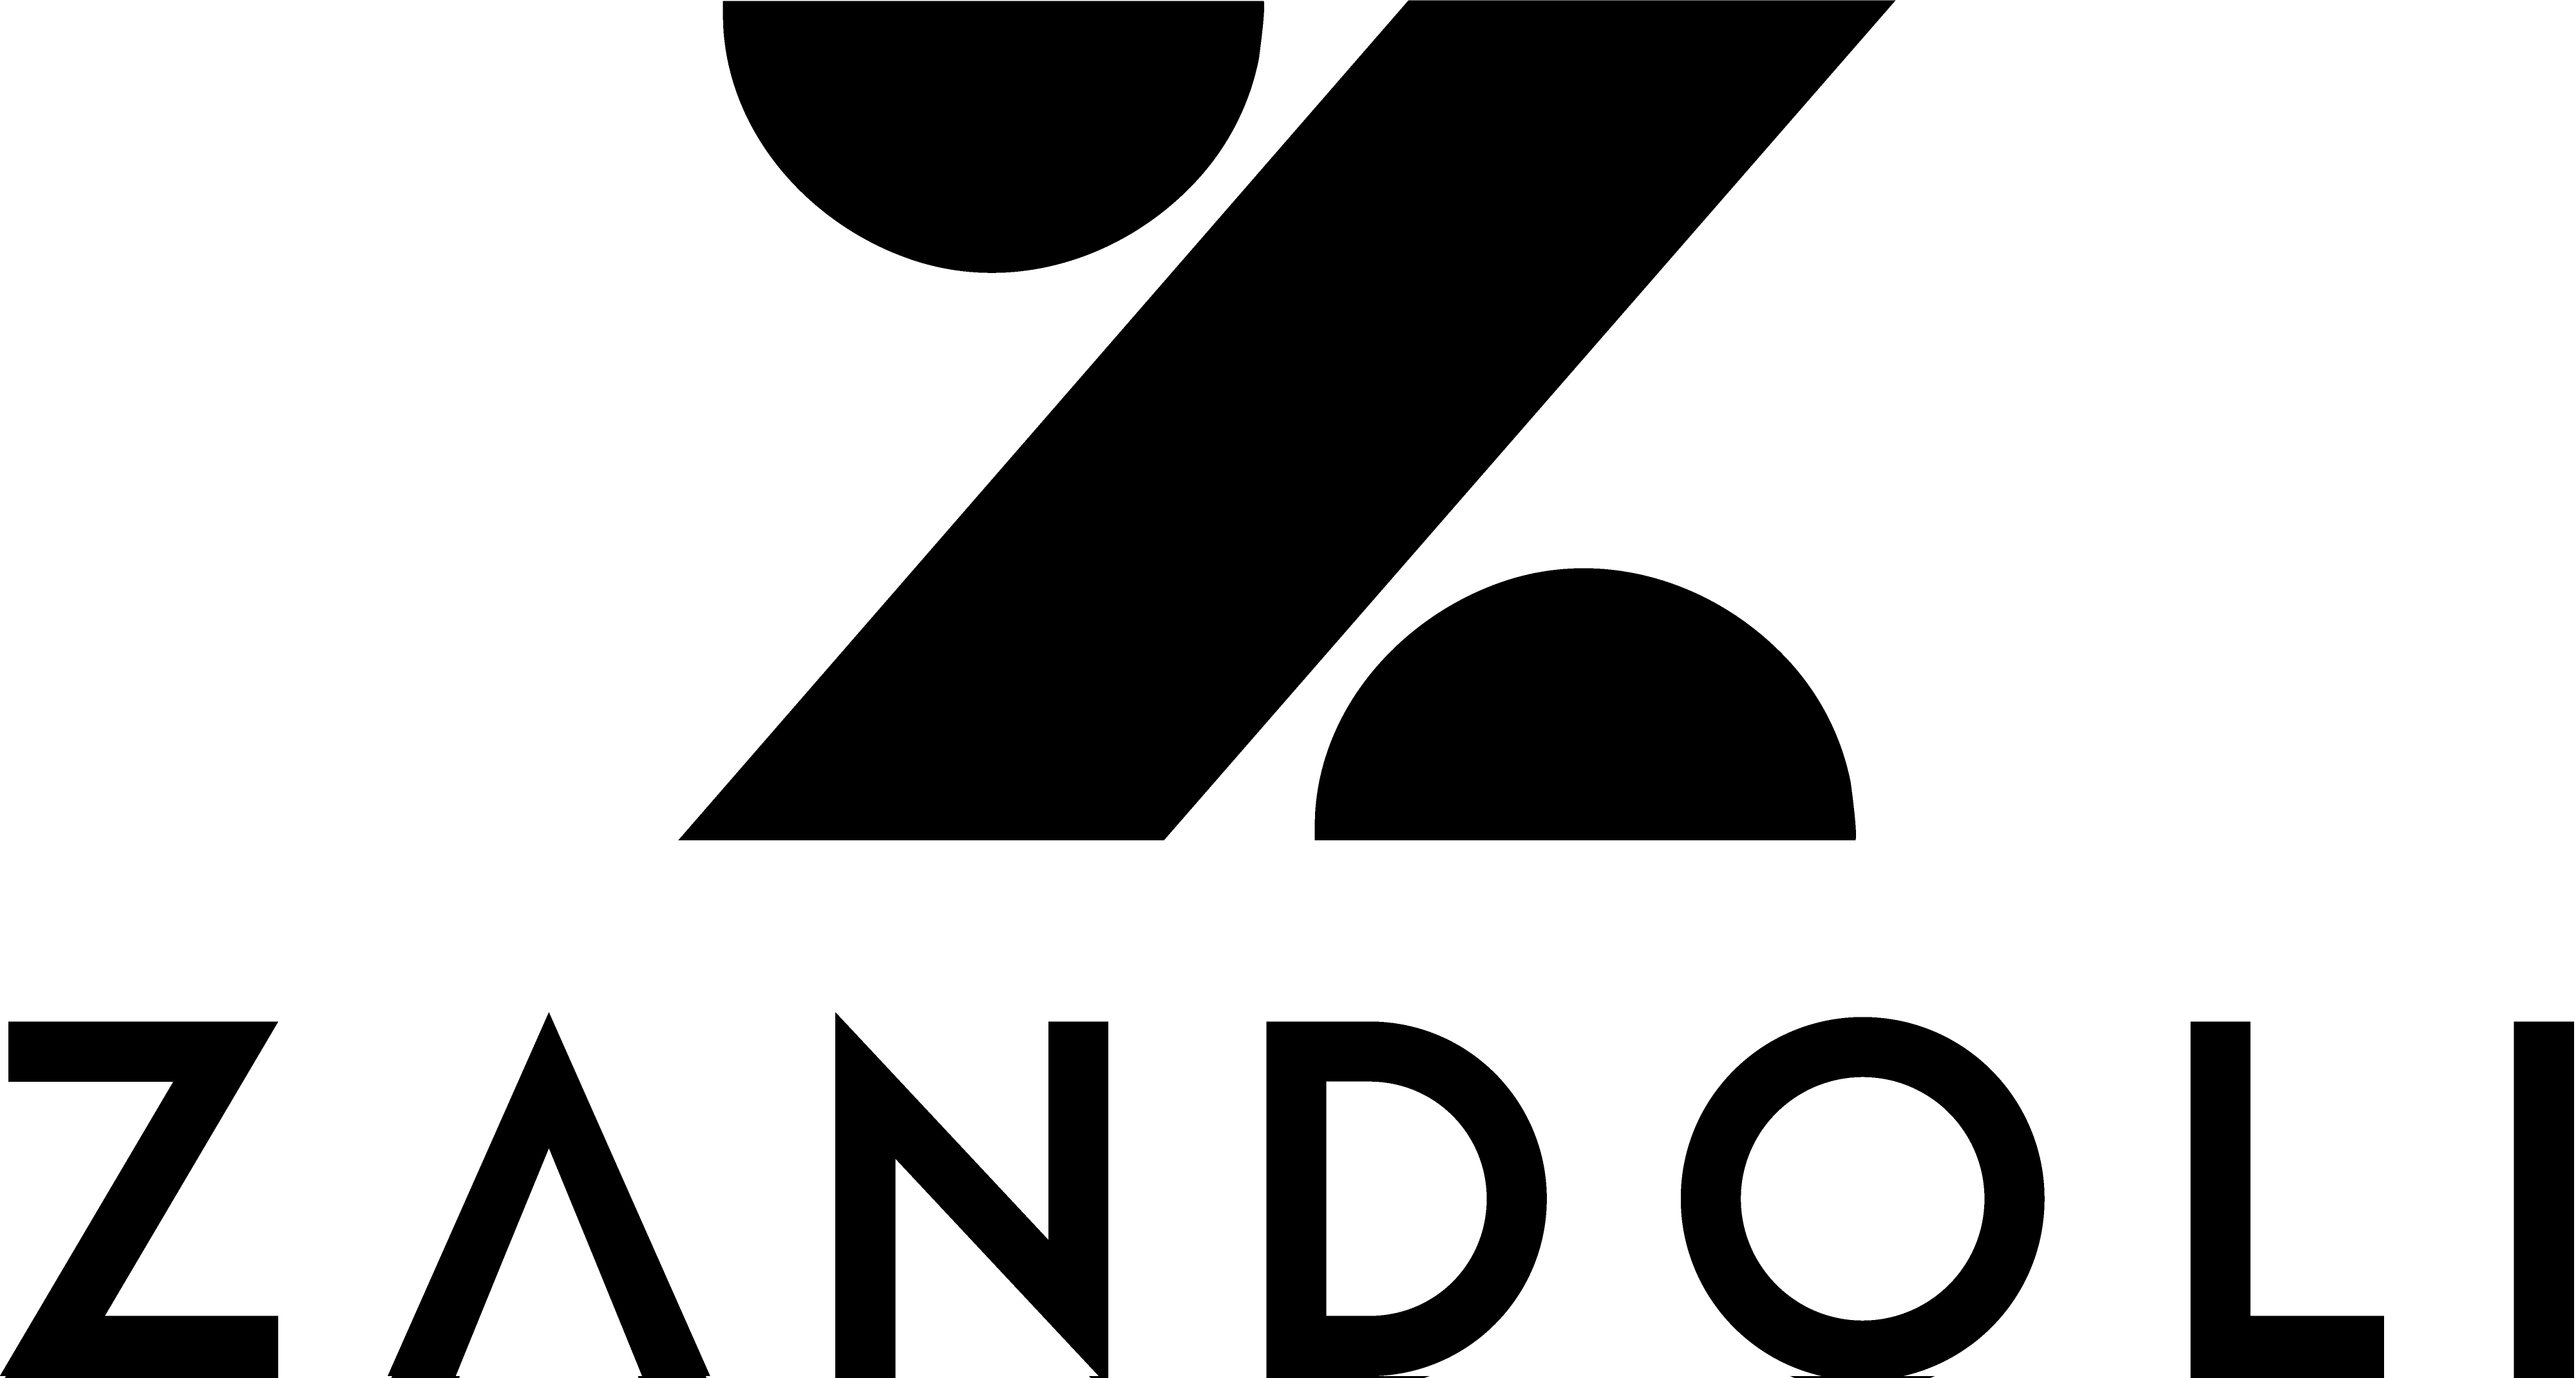 Zandoli